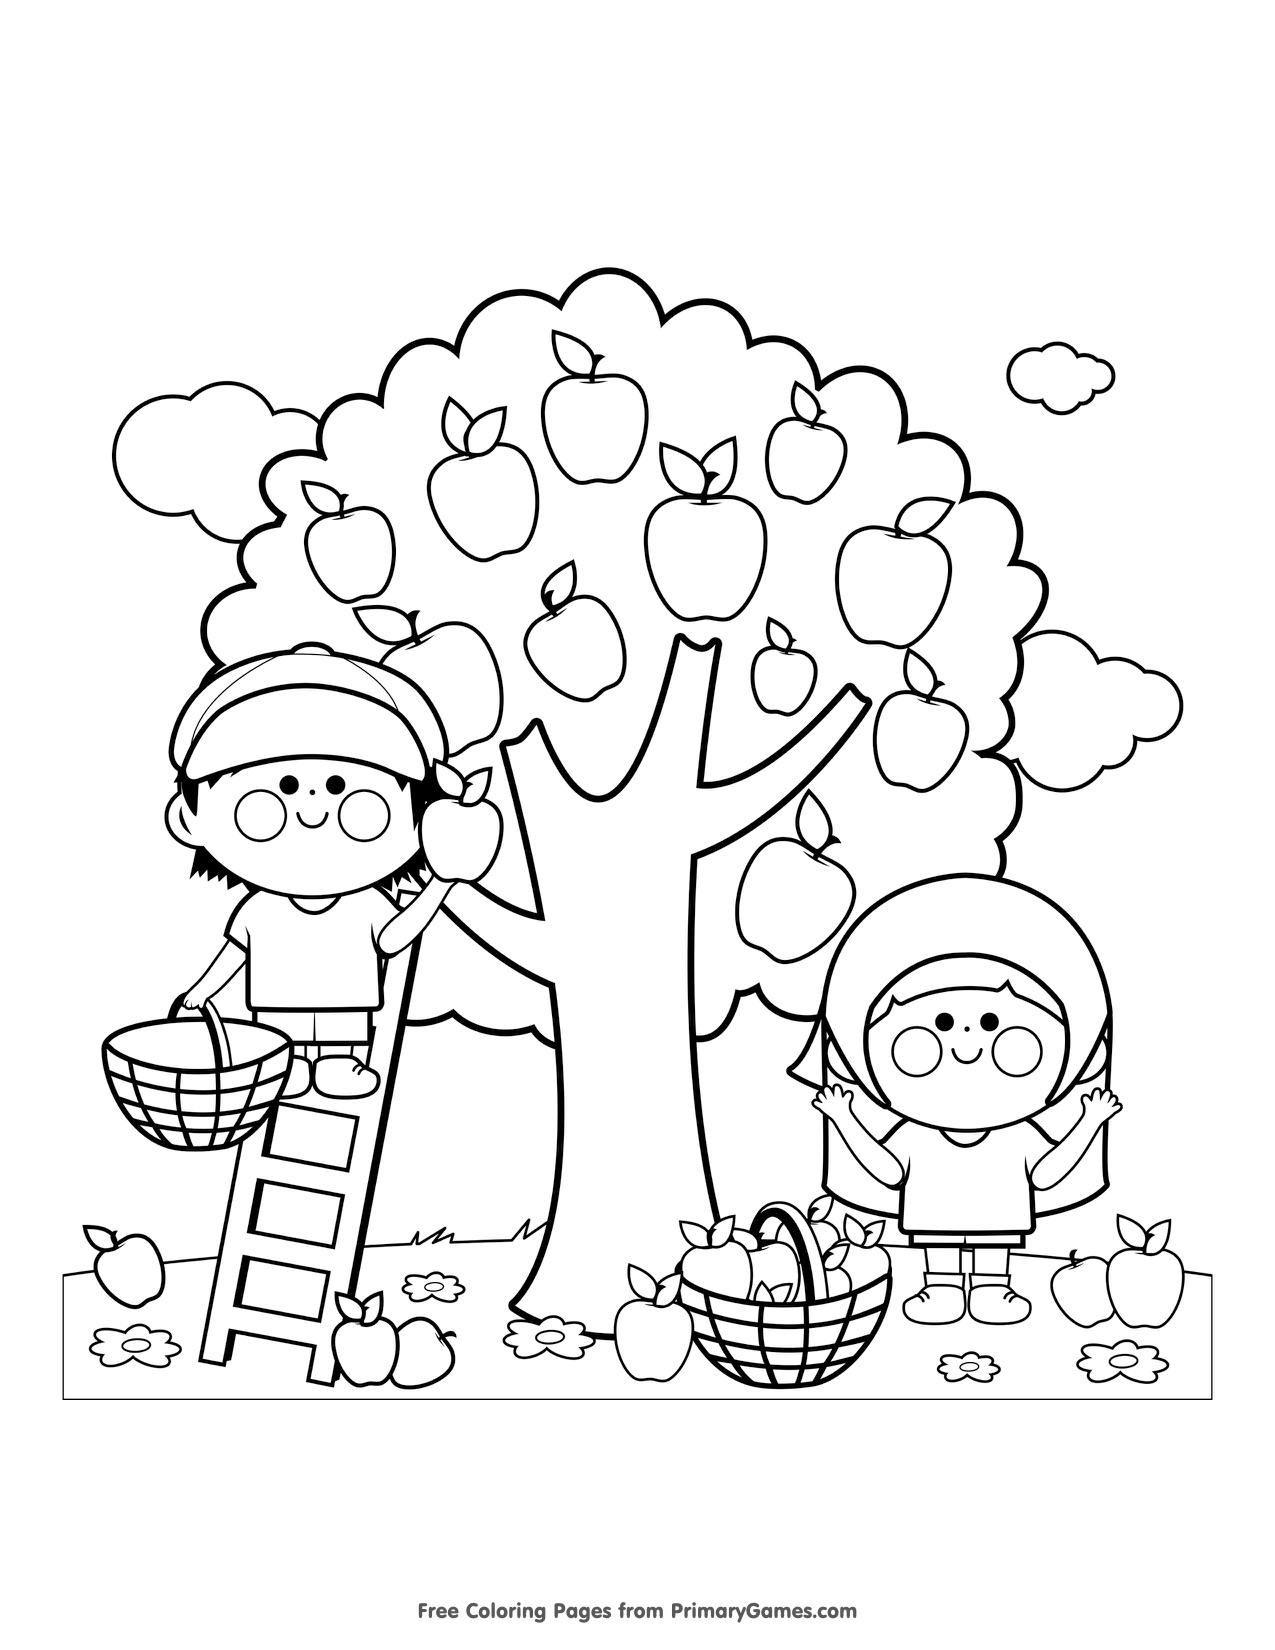 disegni da colorare per bambini gratis autunno